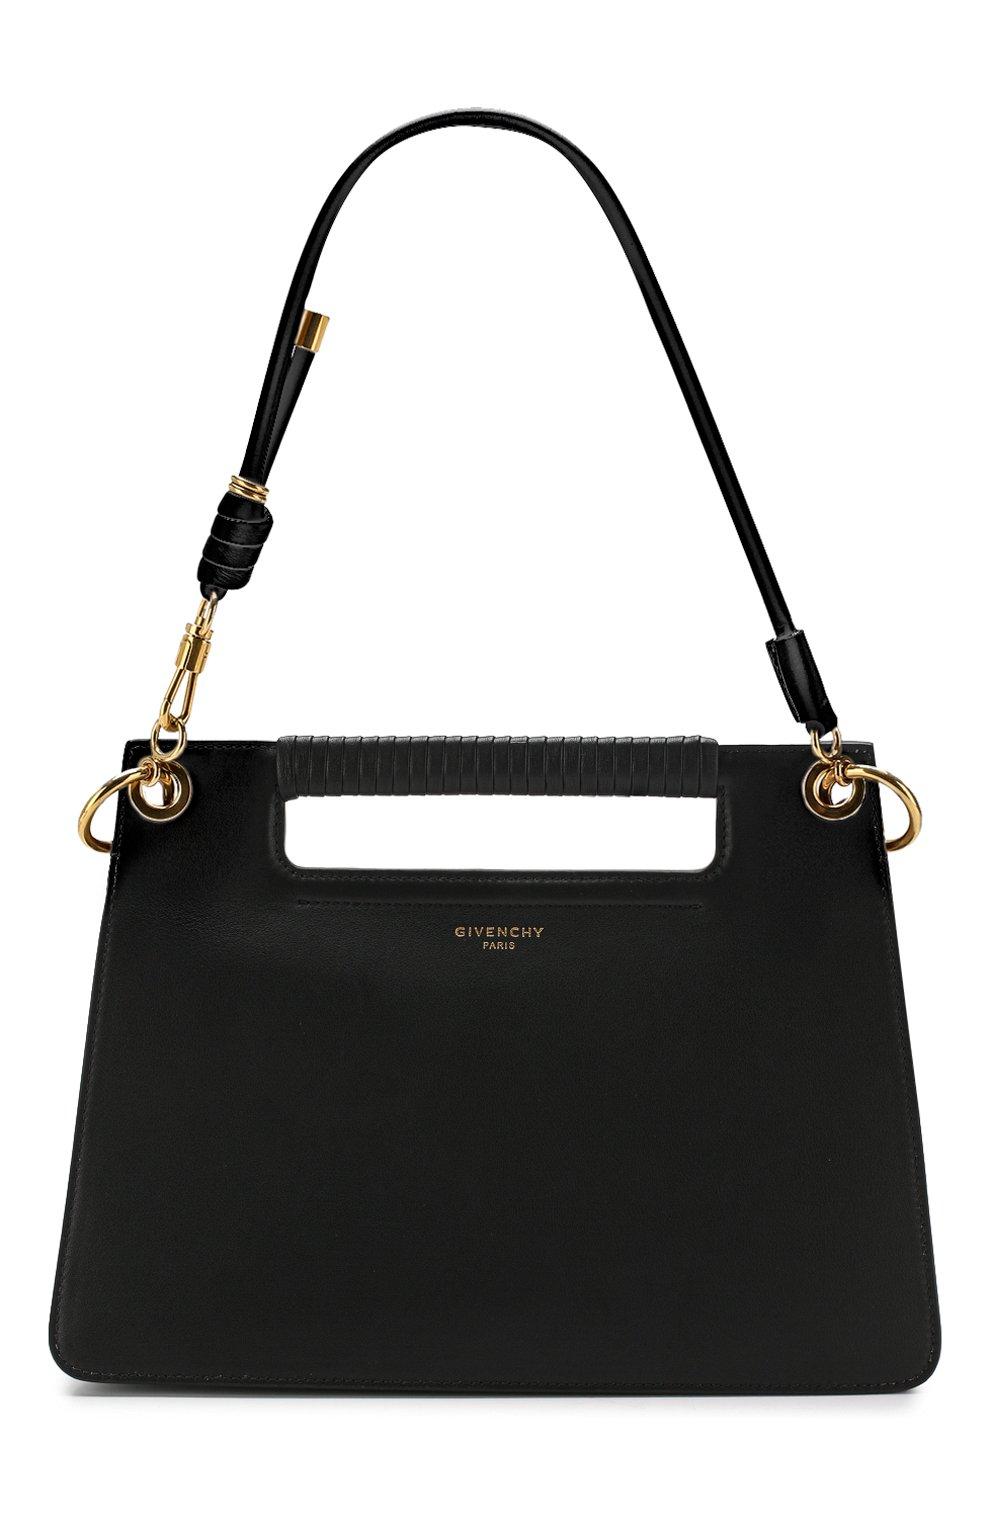 852fad012824 Женская сумка whip medium GIVENCHY черная цвета — купить за 133500 ...